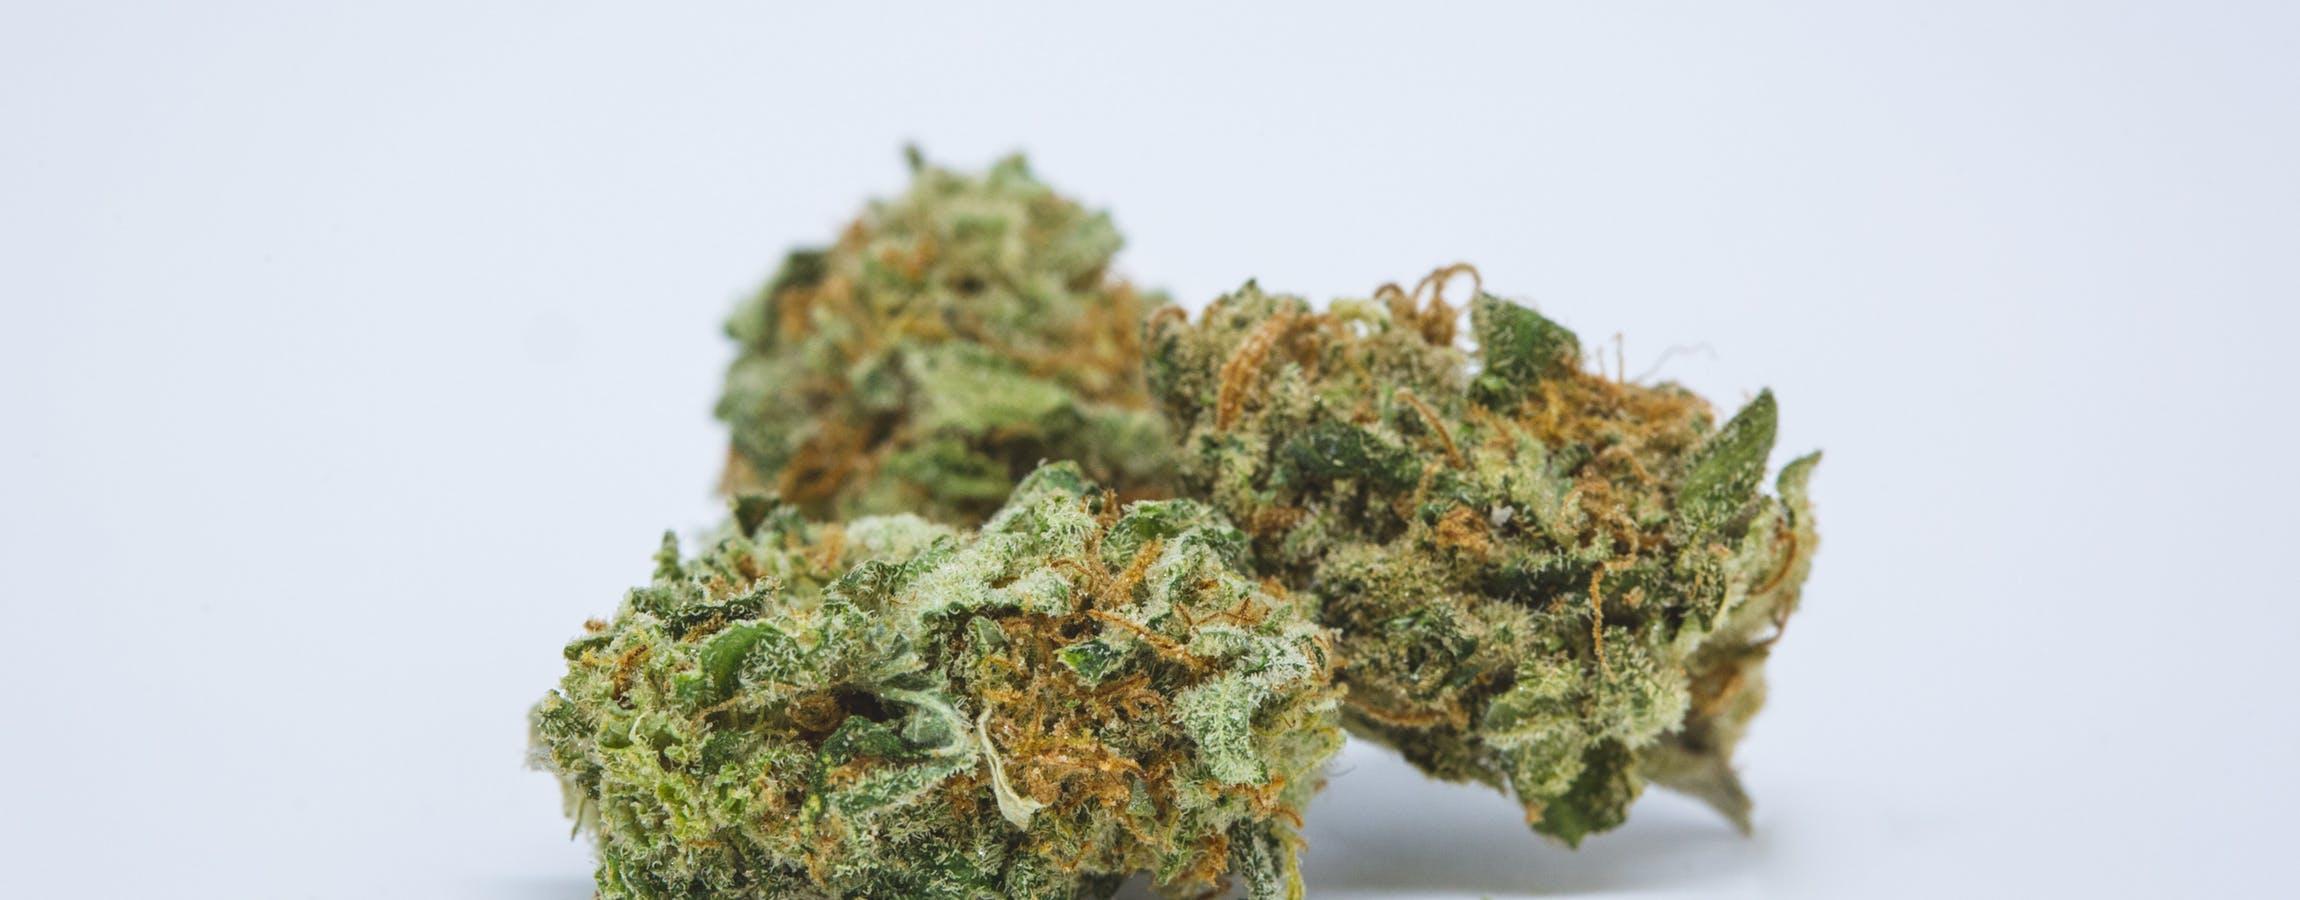 Dream Queen Weed; Dream Queen Cannabis Strain; Dream Queen Hybrid Marijuana Strain